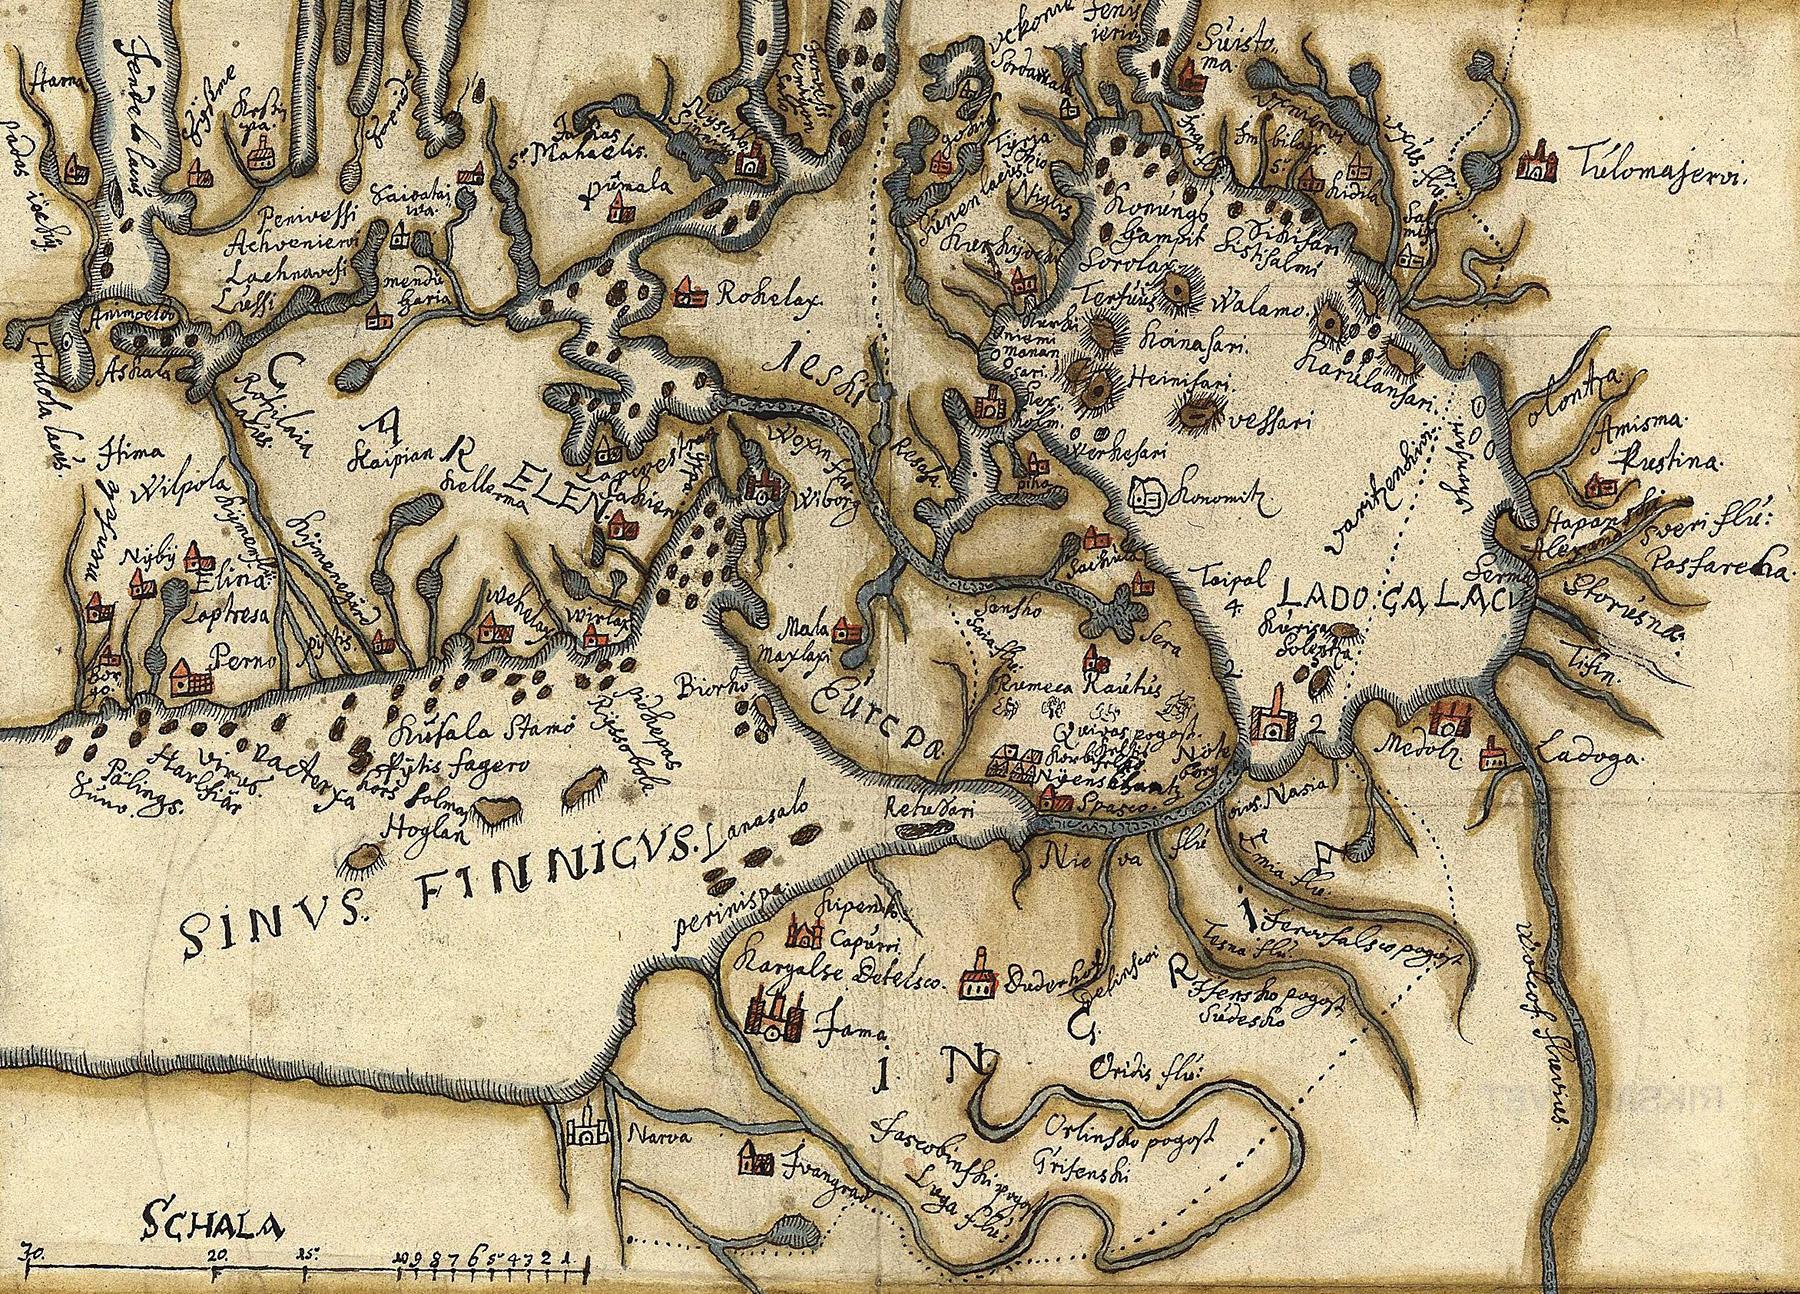 Utan känd proveniens (kartor och ritningar), Kartor och ritningar, SE/RA/81001/#/0003:00001 (1600-1650), bildid: R0001511_00001 CC0